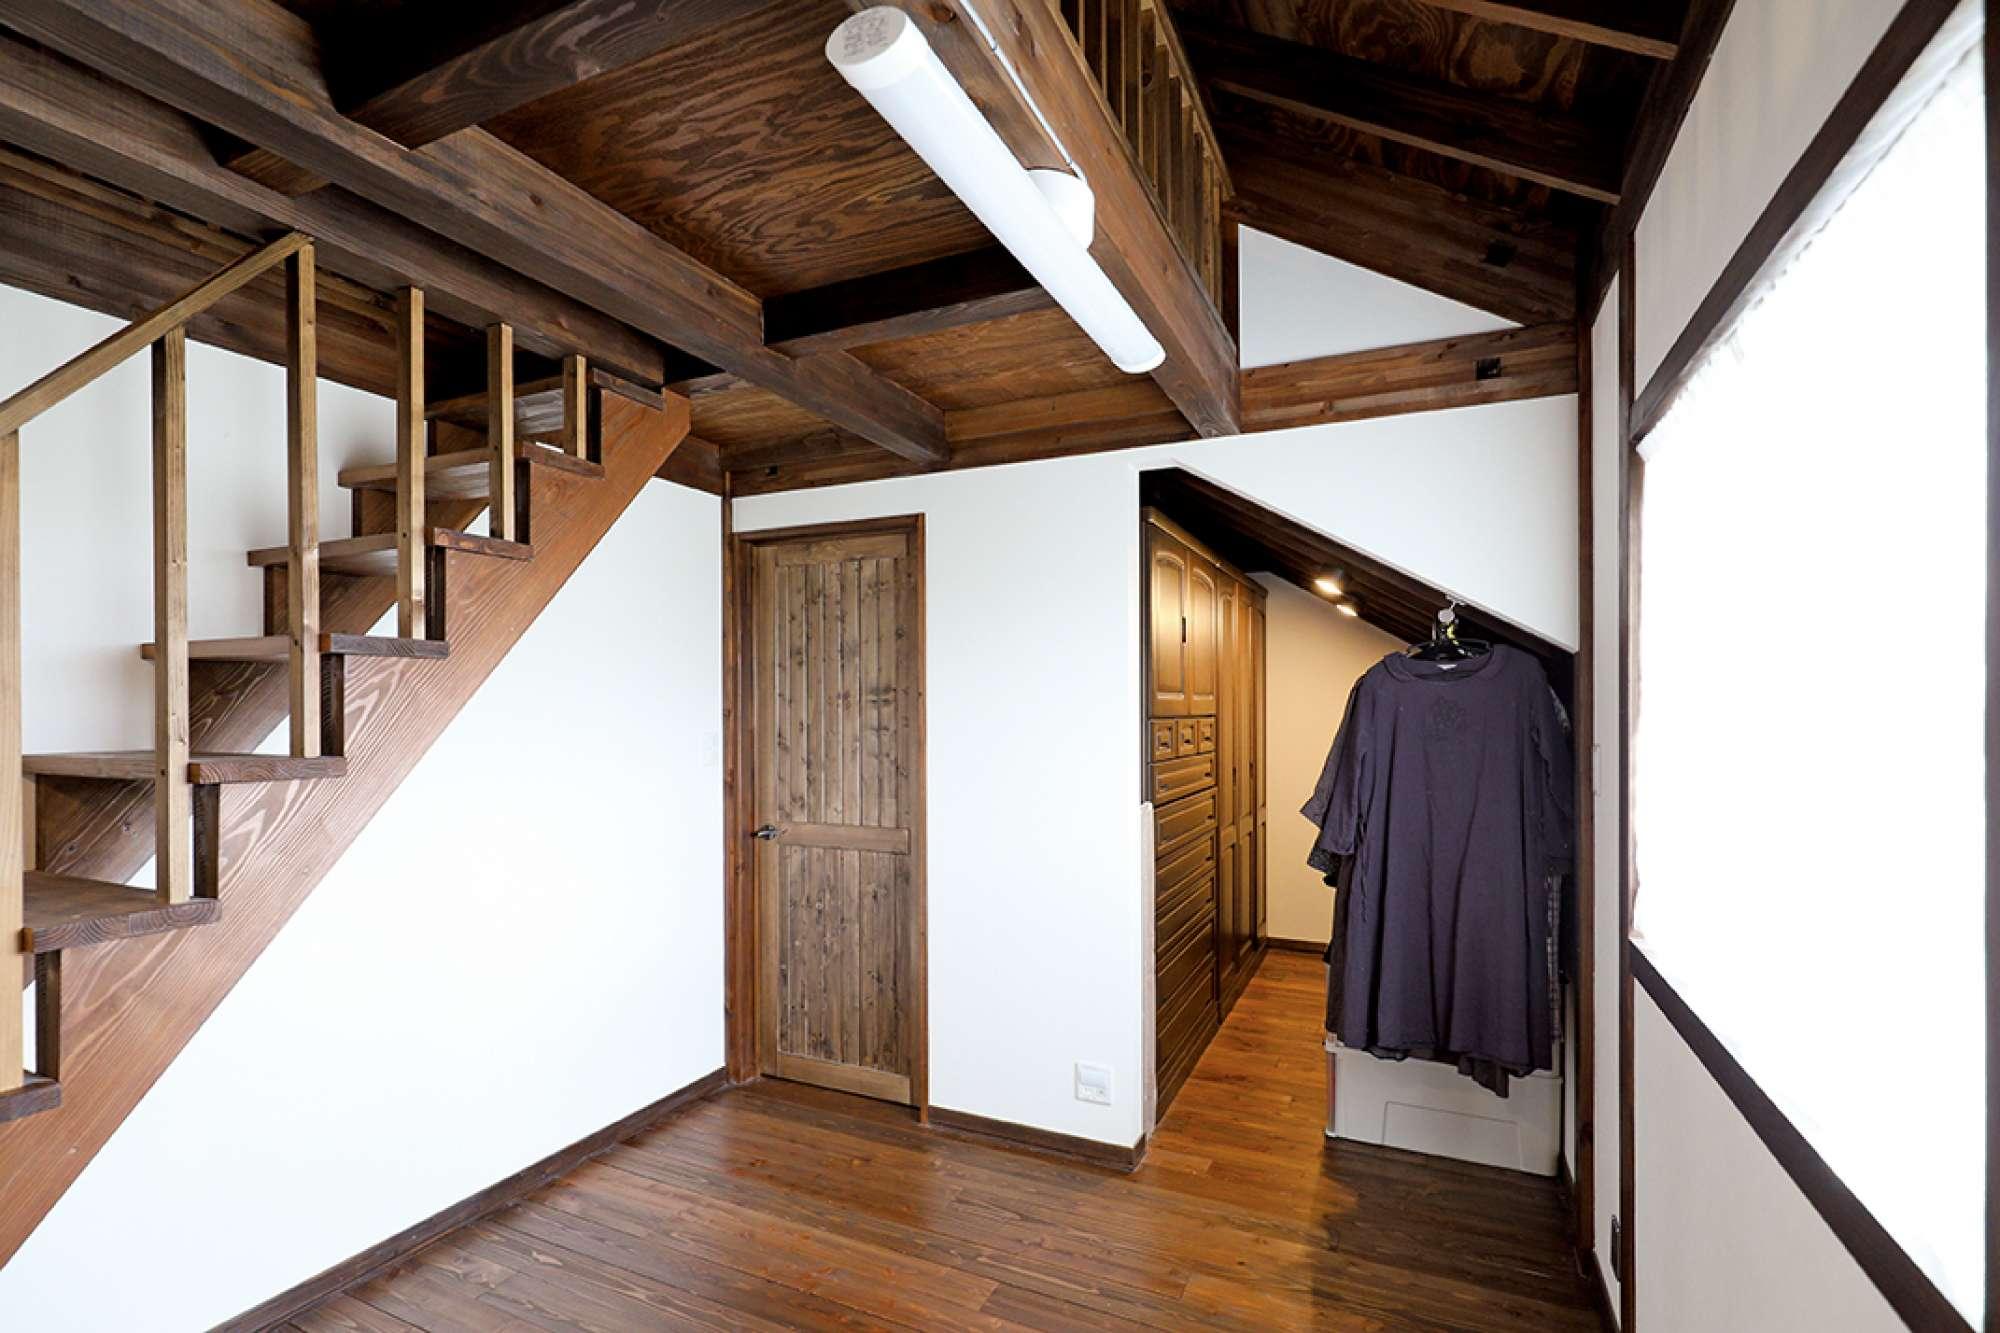 箪笥がすっきり収まる設計の2階収納、左はロフトへの階段 -  -  -